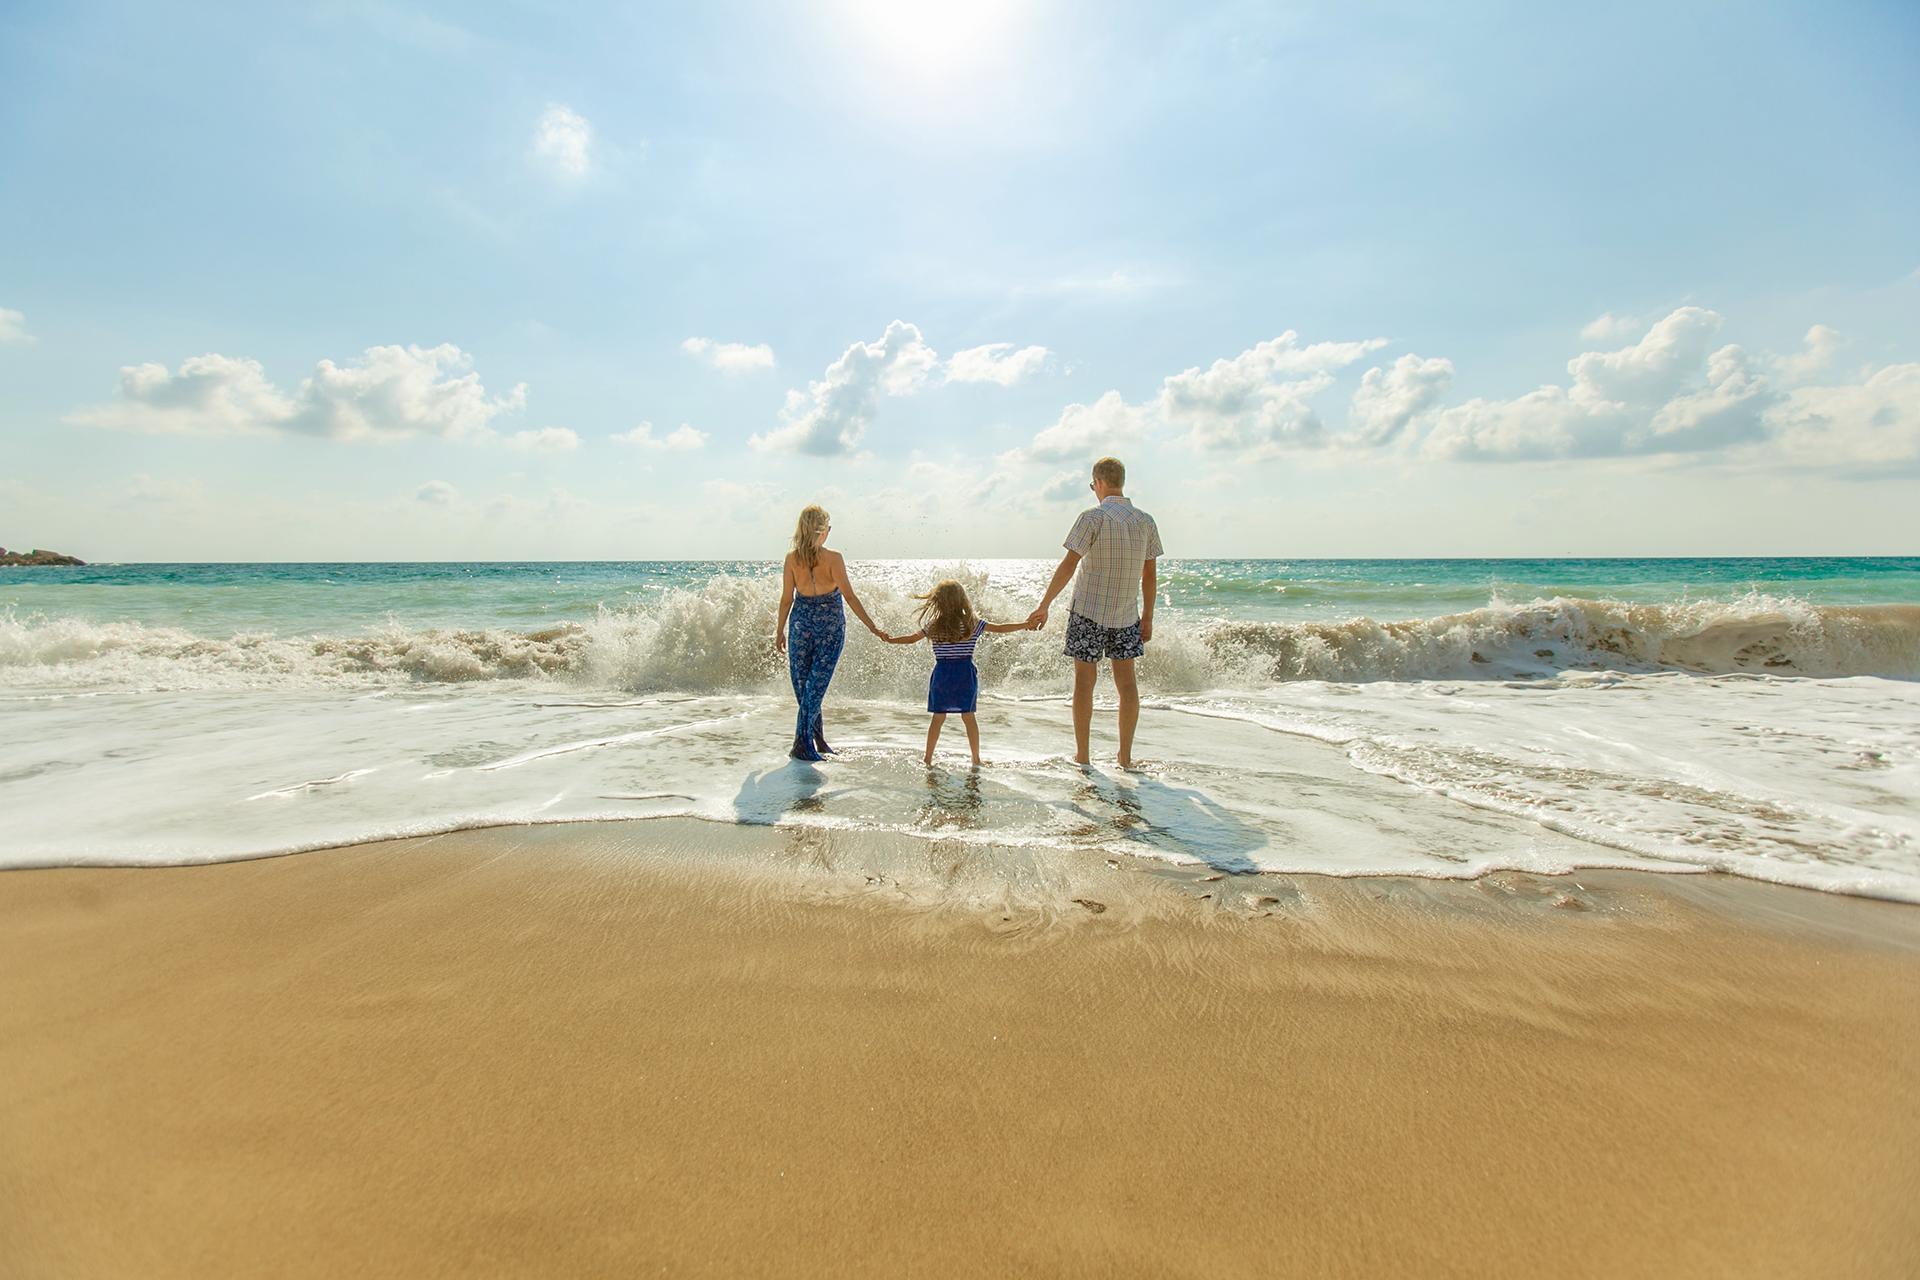 Turismo em família: como criar ofertas especiais no dia dos pais